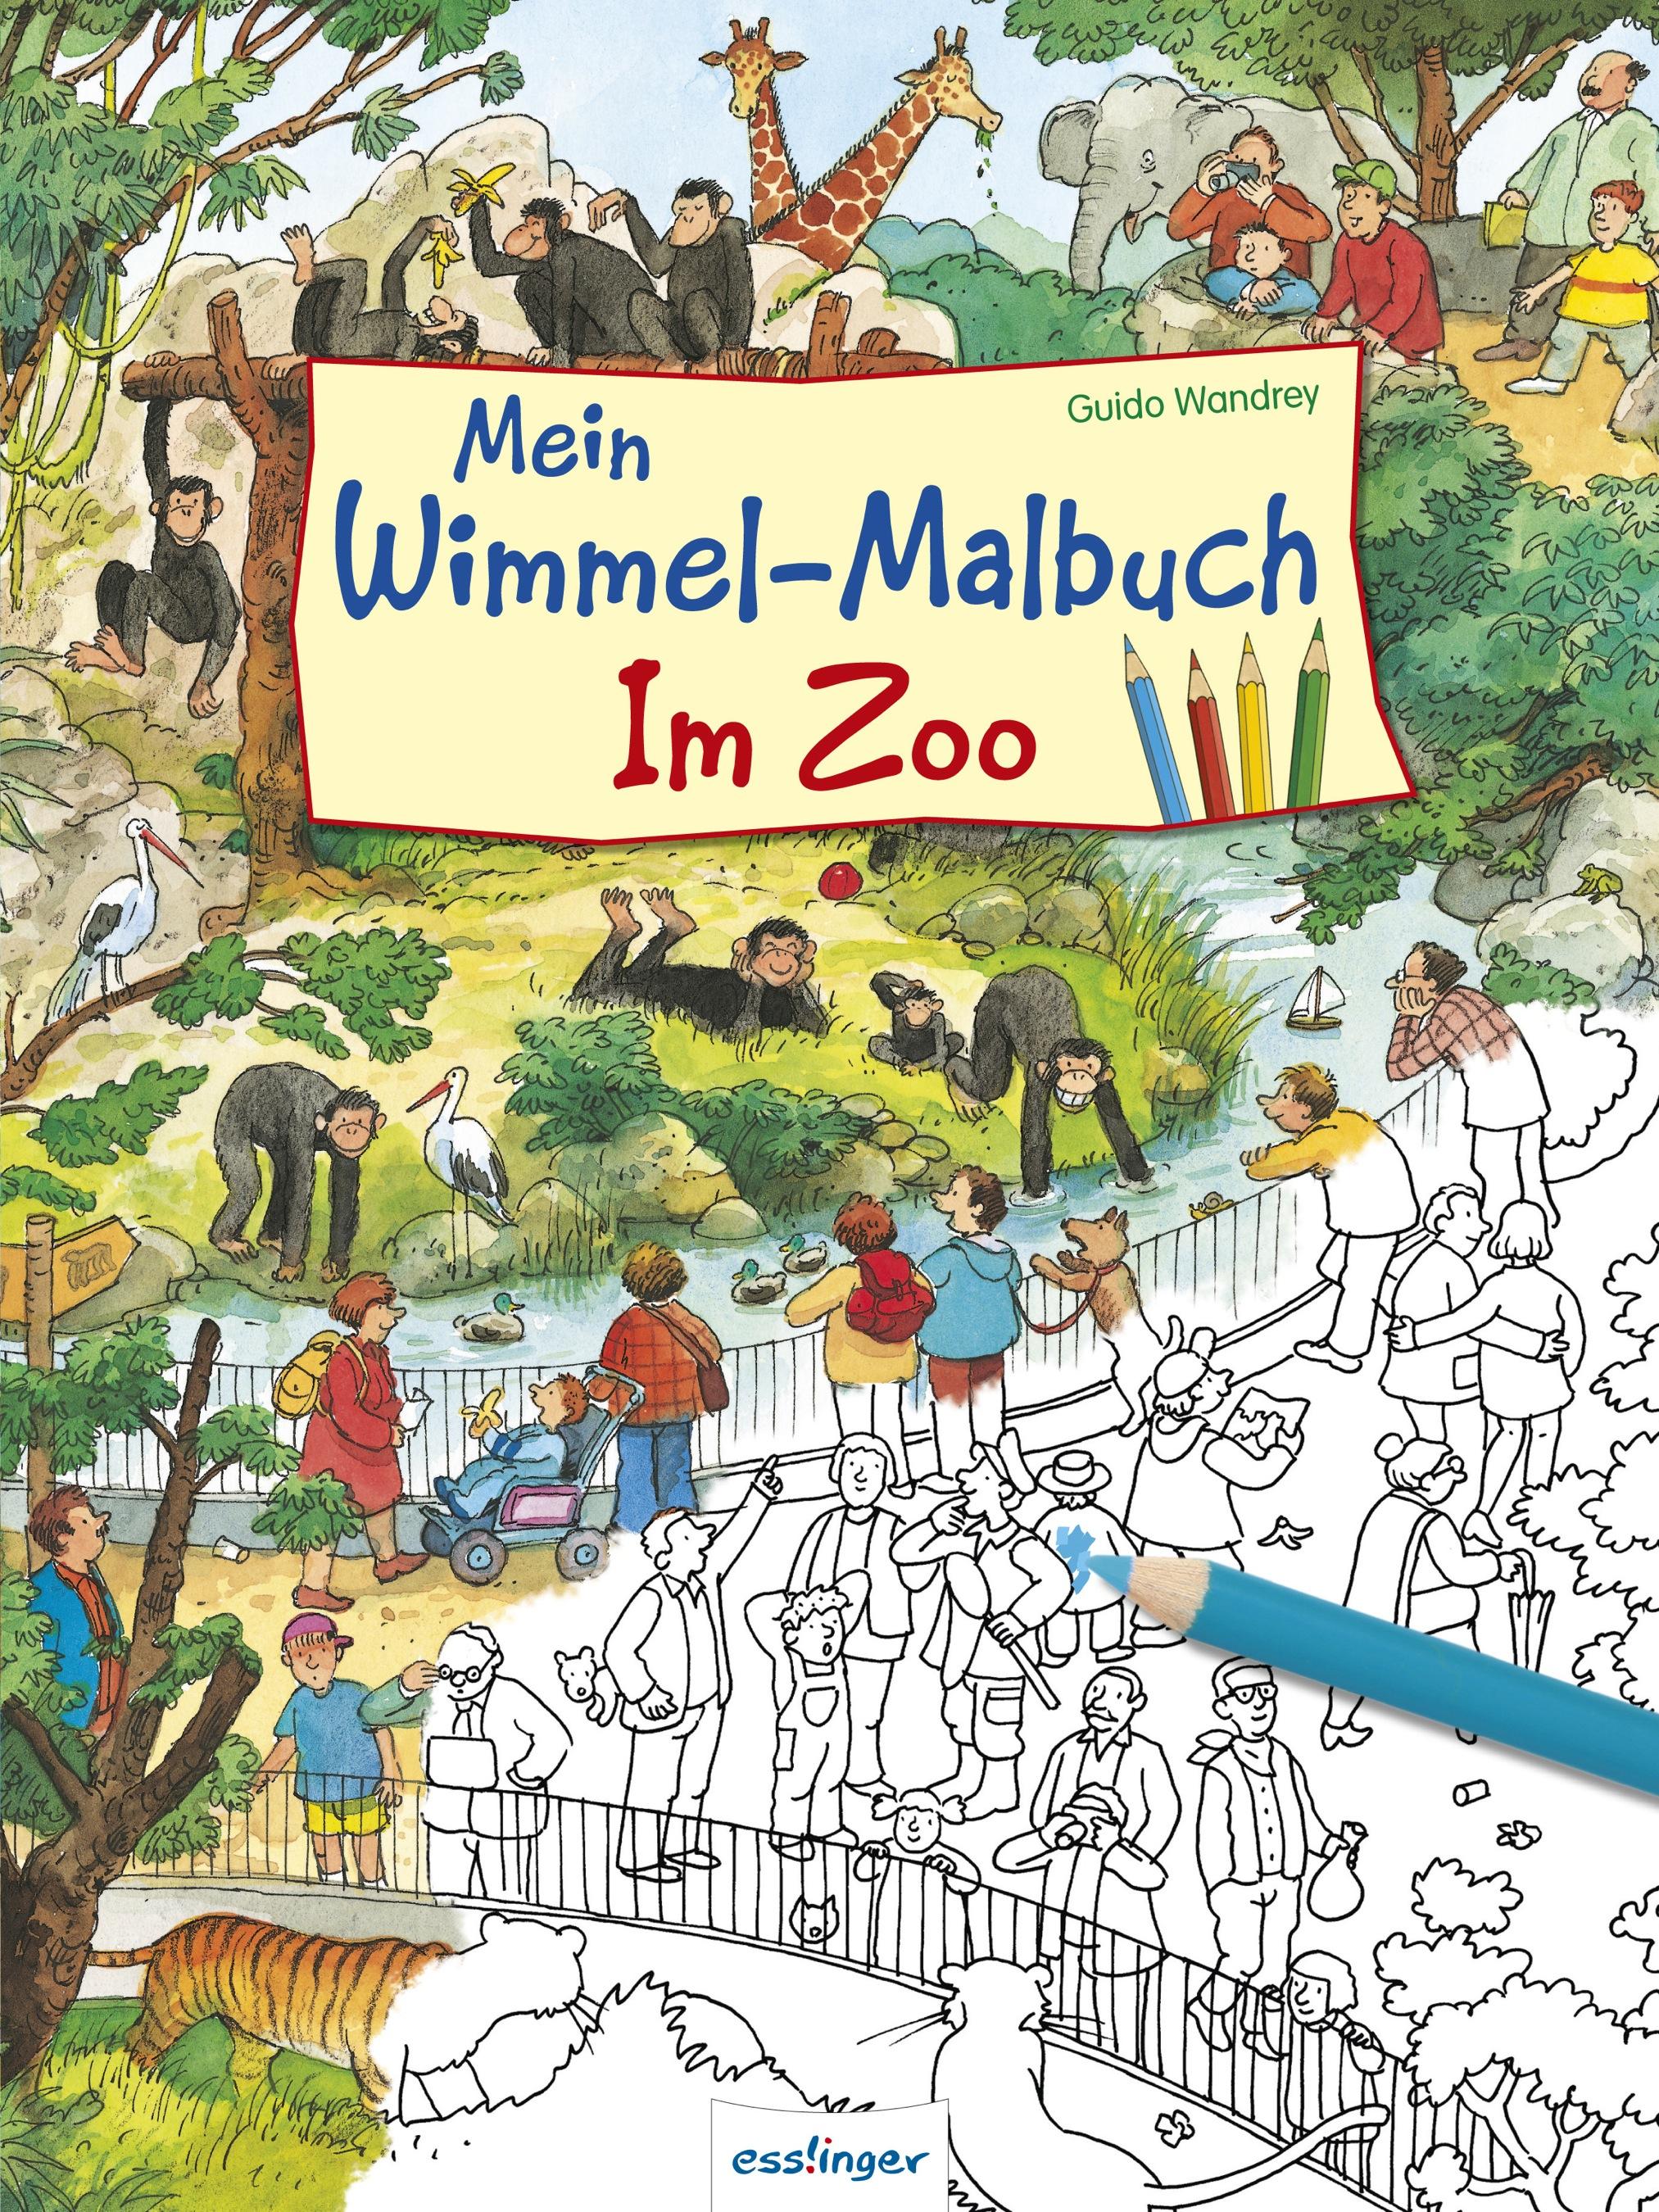 Nett X Männer Malbuch Galerie - Druckbare Malvorlagen - amaichi.info